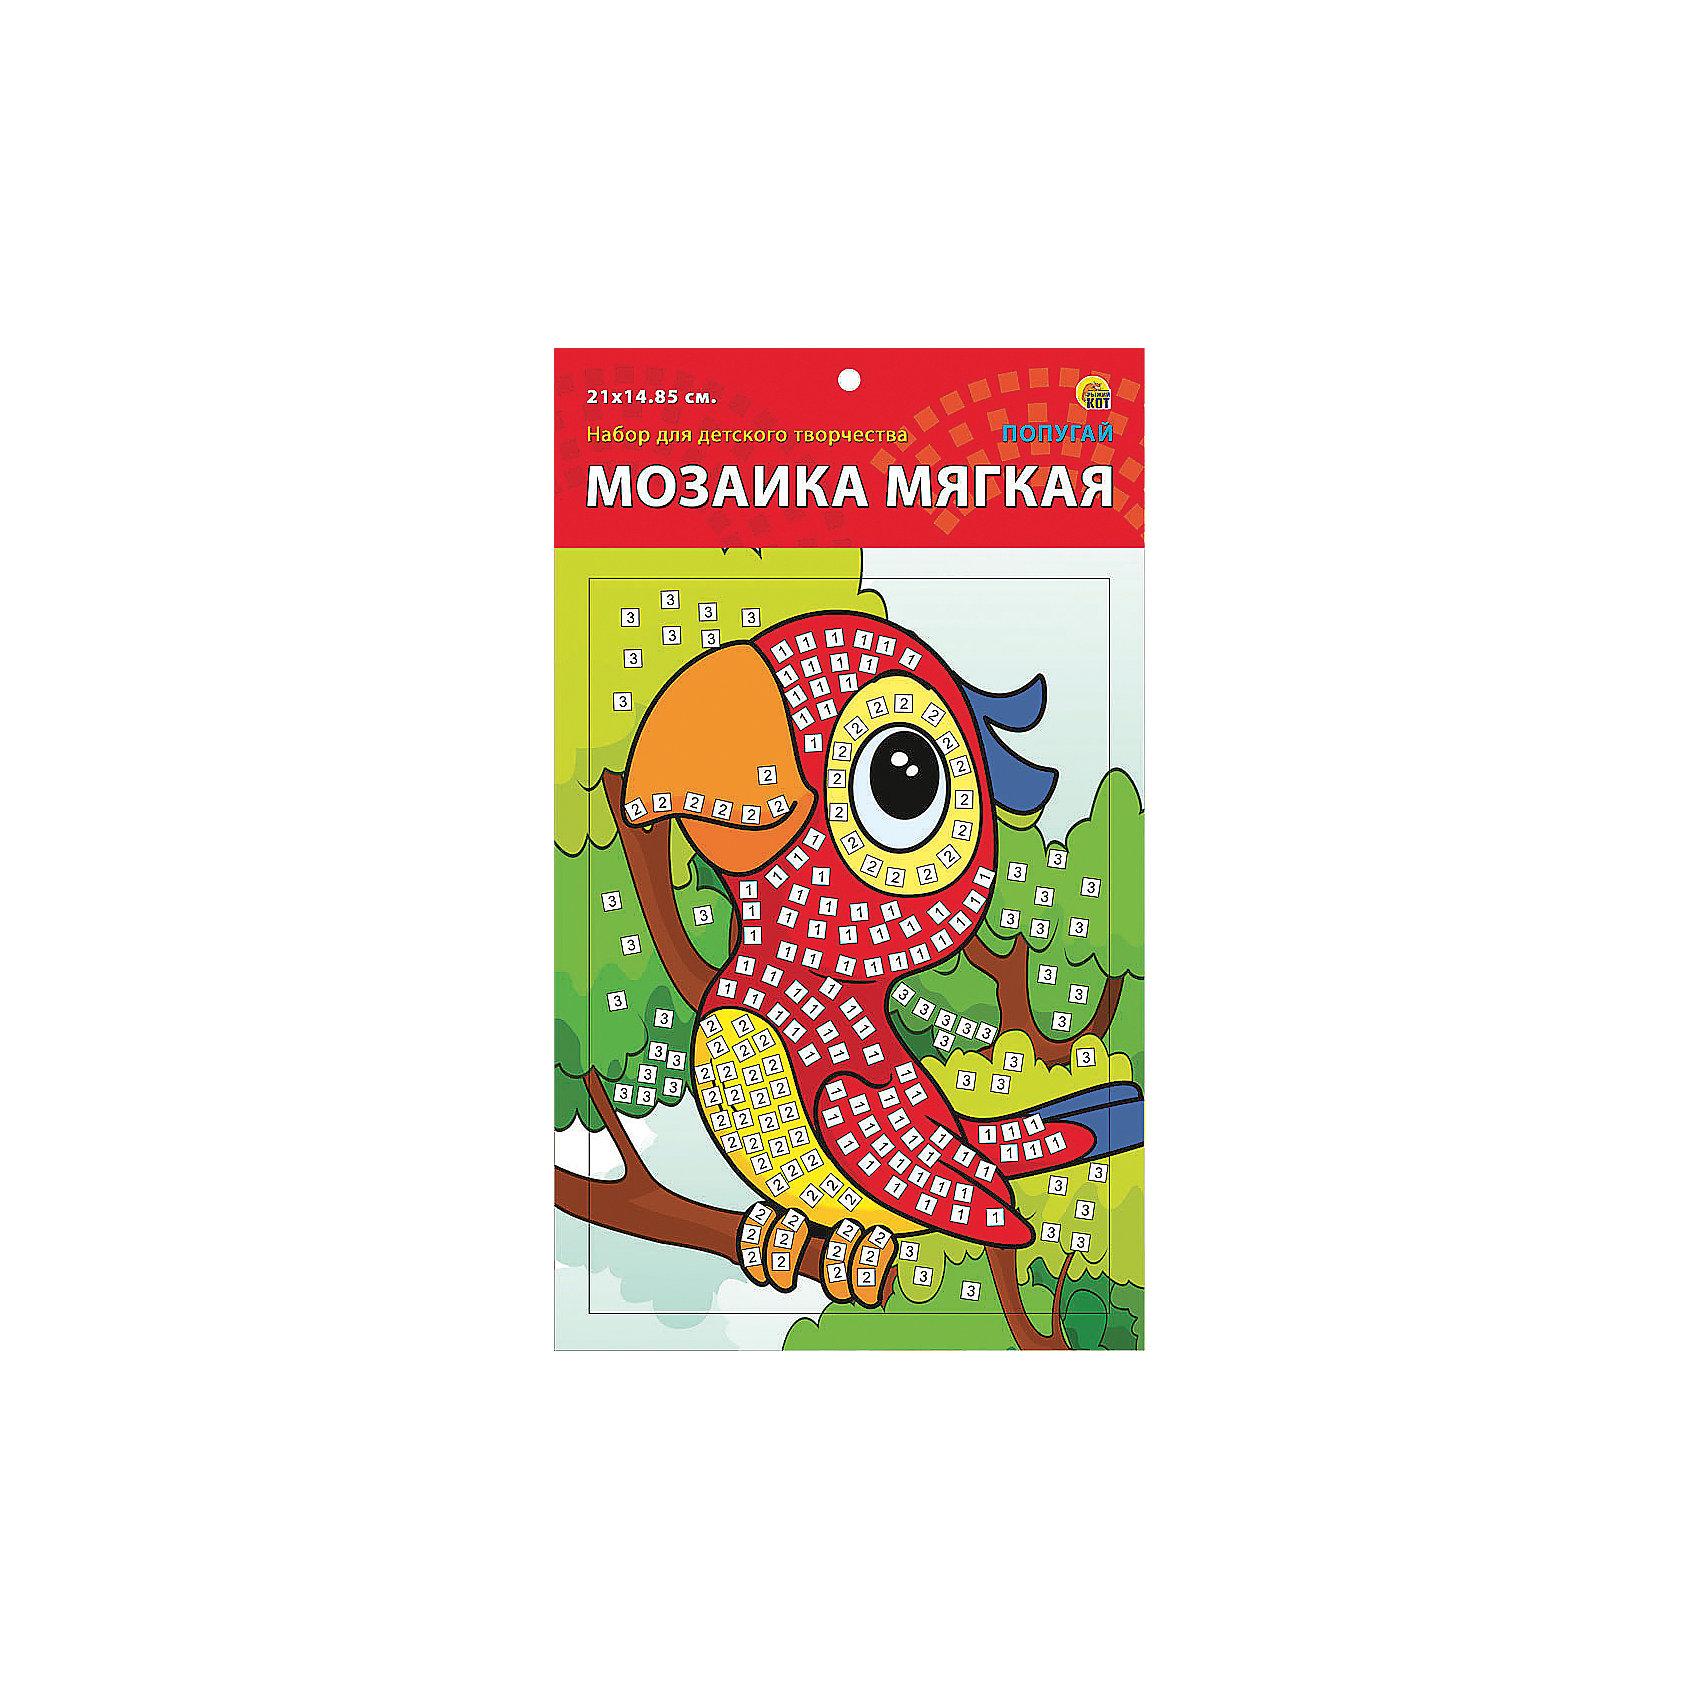 Издательство Рыжий кот Мягкая мозаика Попугай формат А5 (21х15 см) издательство рыжий кот мягкая мозаика веселый самолет формат а5 21х15 см